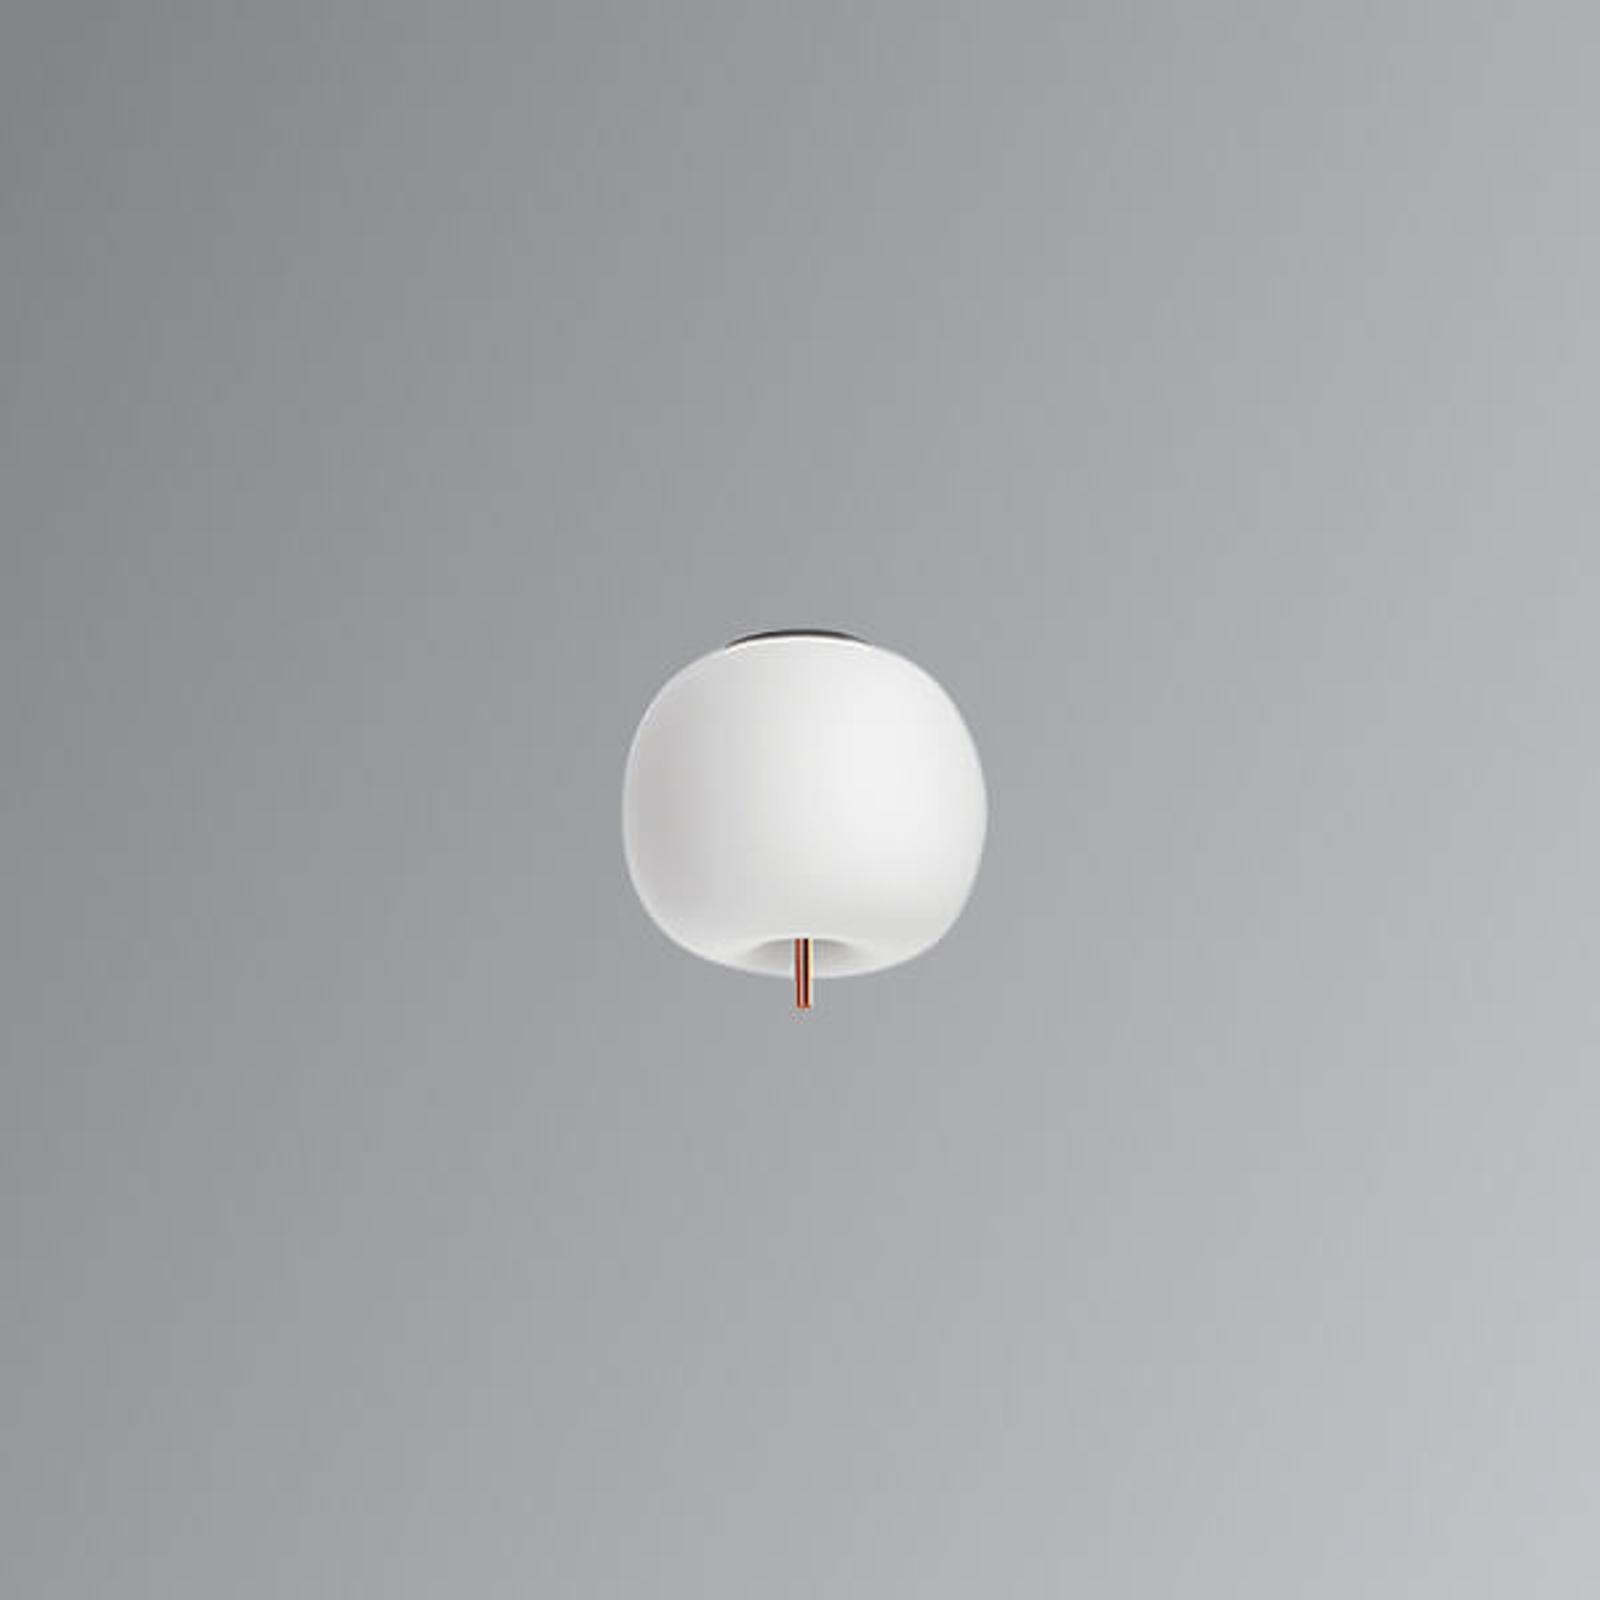 Kundalini Kushi - LED plafondlamp koper 16 cm